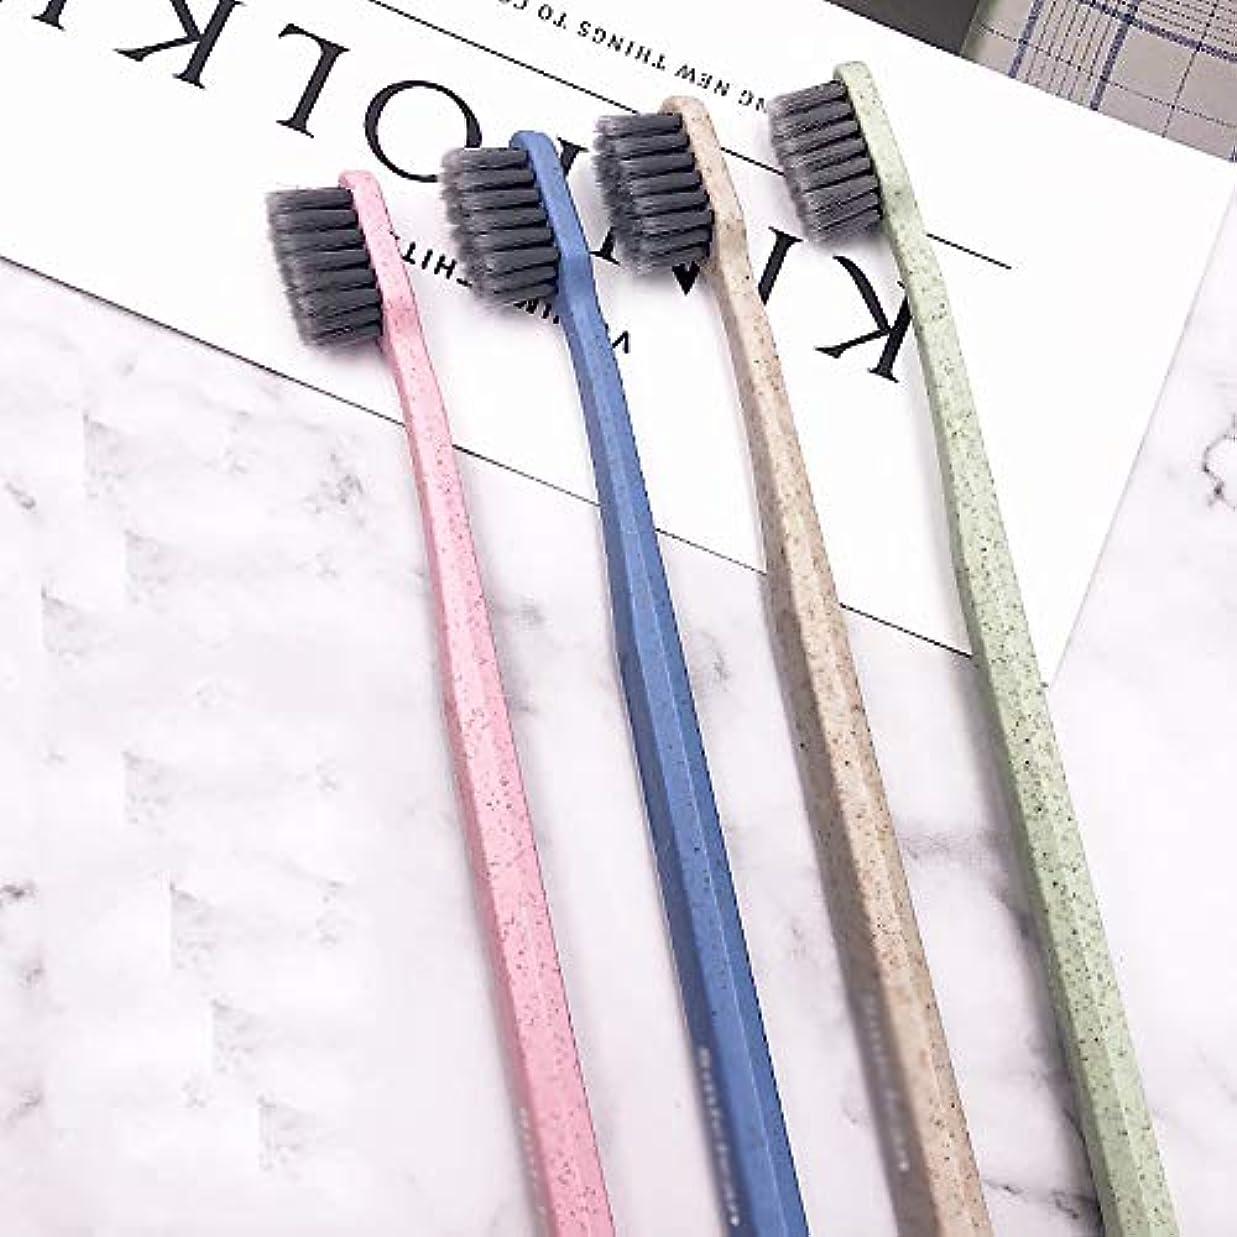 斧解釈するコーナー歯ブラシ 8本のスティック大人歯ブラシ、竹炭歯ブラシ、ブラックブラシヘッド歯ブラシ - 使用可能なスタイルの3種類 HL (色 : A, サイズ : 8 packs)